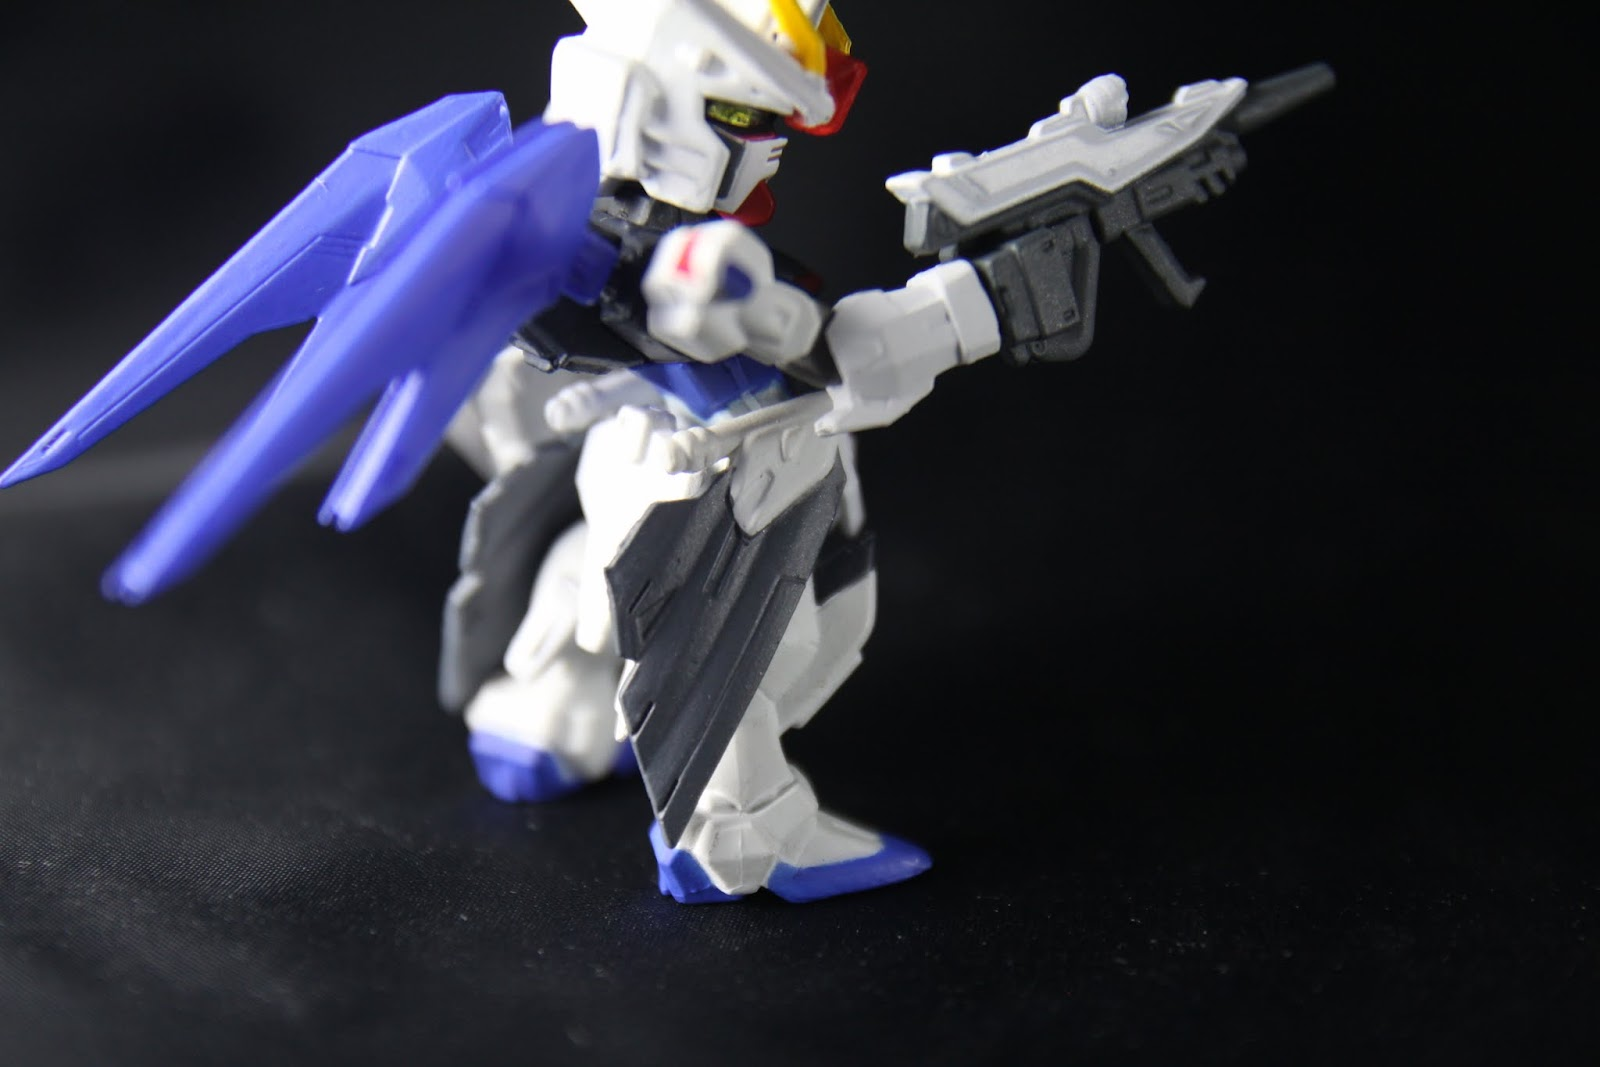 腰間的排翅(誤)造型很不錯 這東西是摺疊的軌道炮 噴出來的東西看起來是光束武器 但實際上竟然是實彈兵器!好驚人!